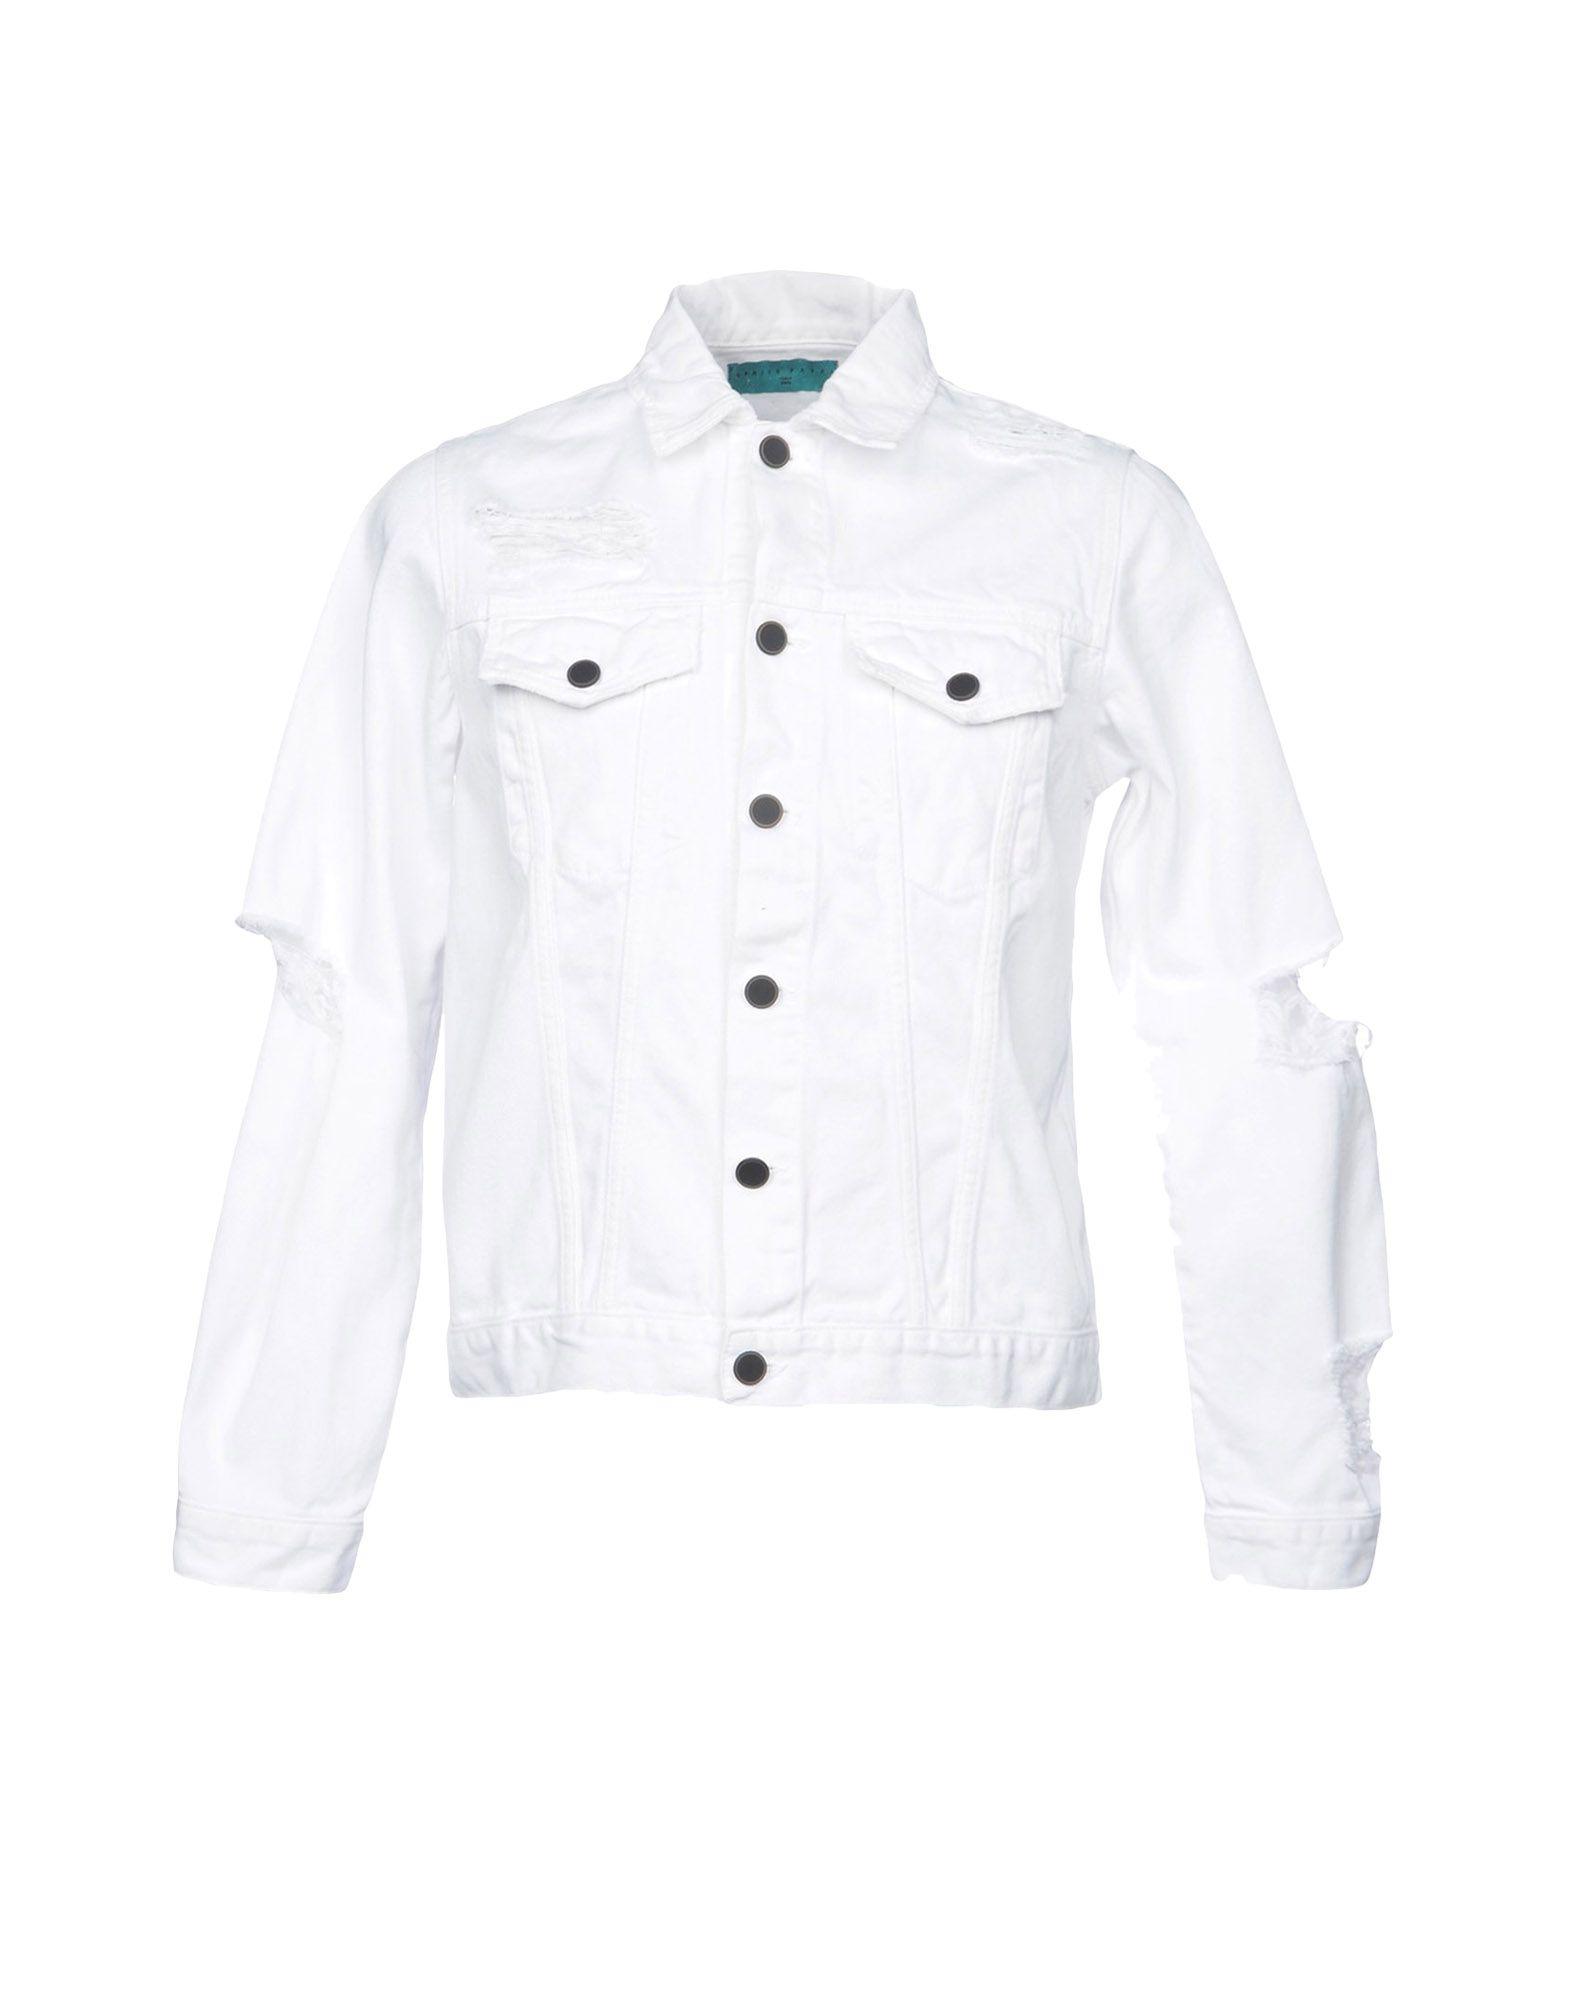 DANILO PAURA Джинсовая верхняя одежда paura джинсовая верхняя одежда